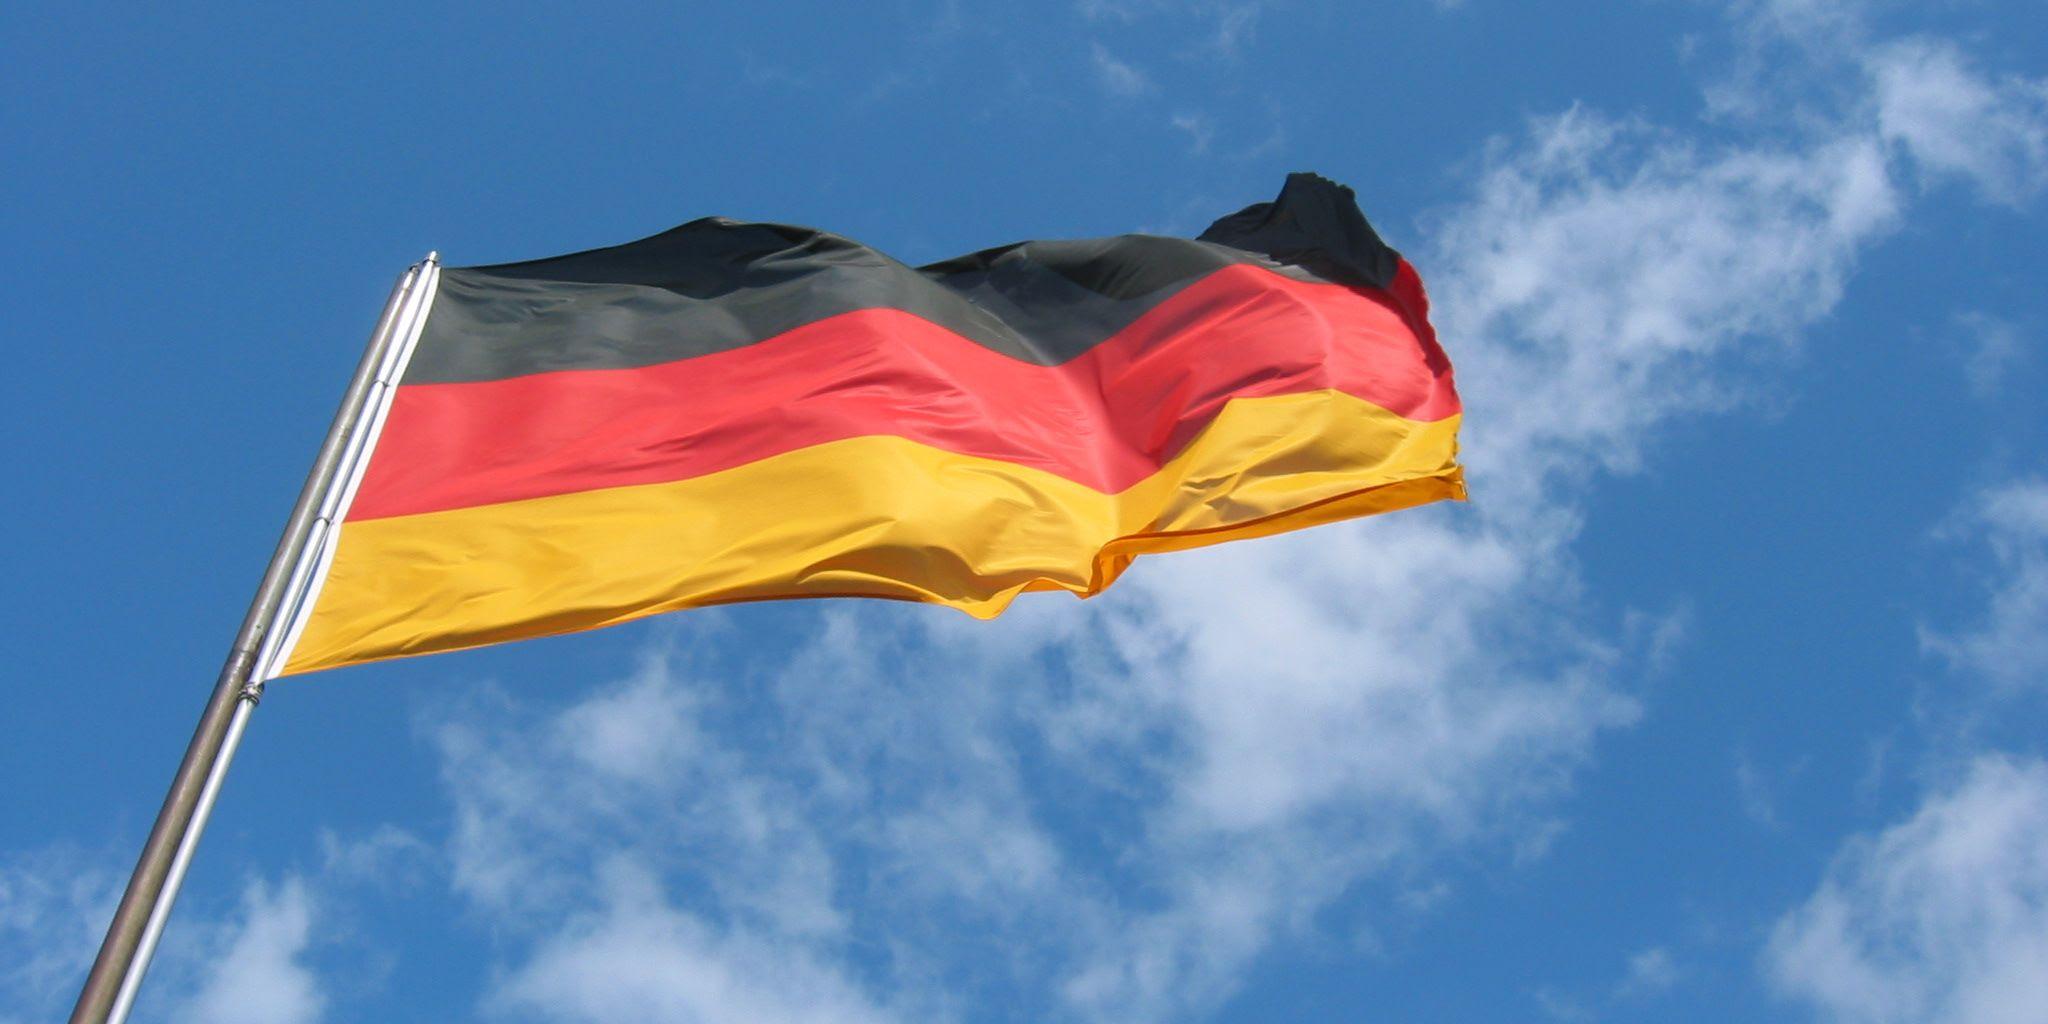 Αποτέλεσμα εικόνας για γερμανική σημαία